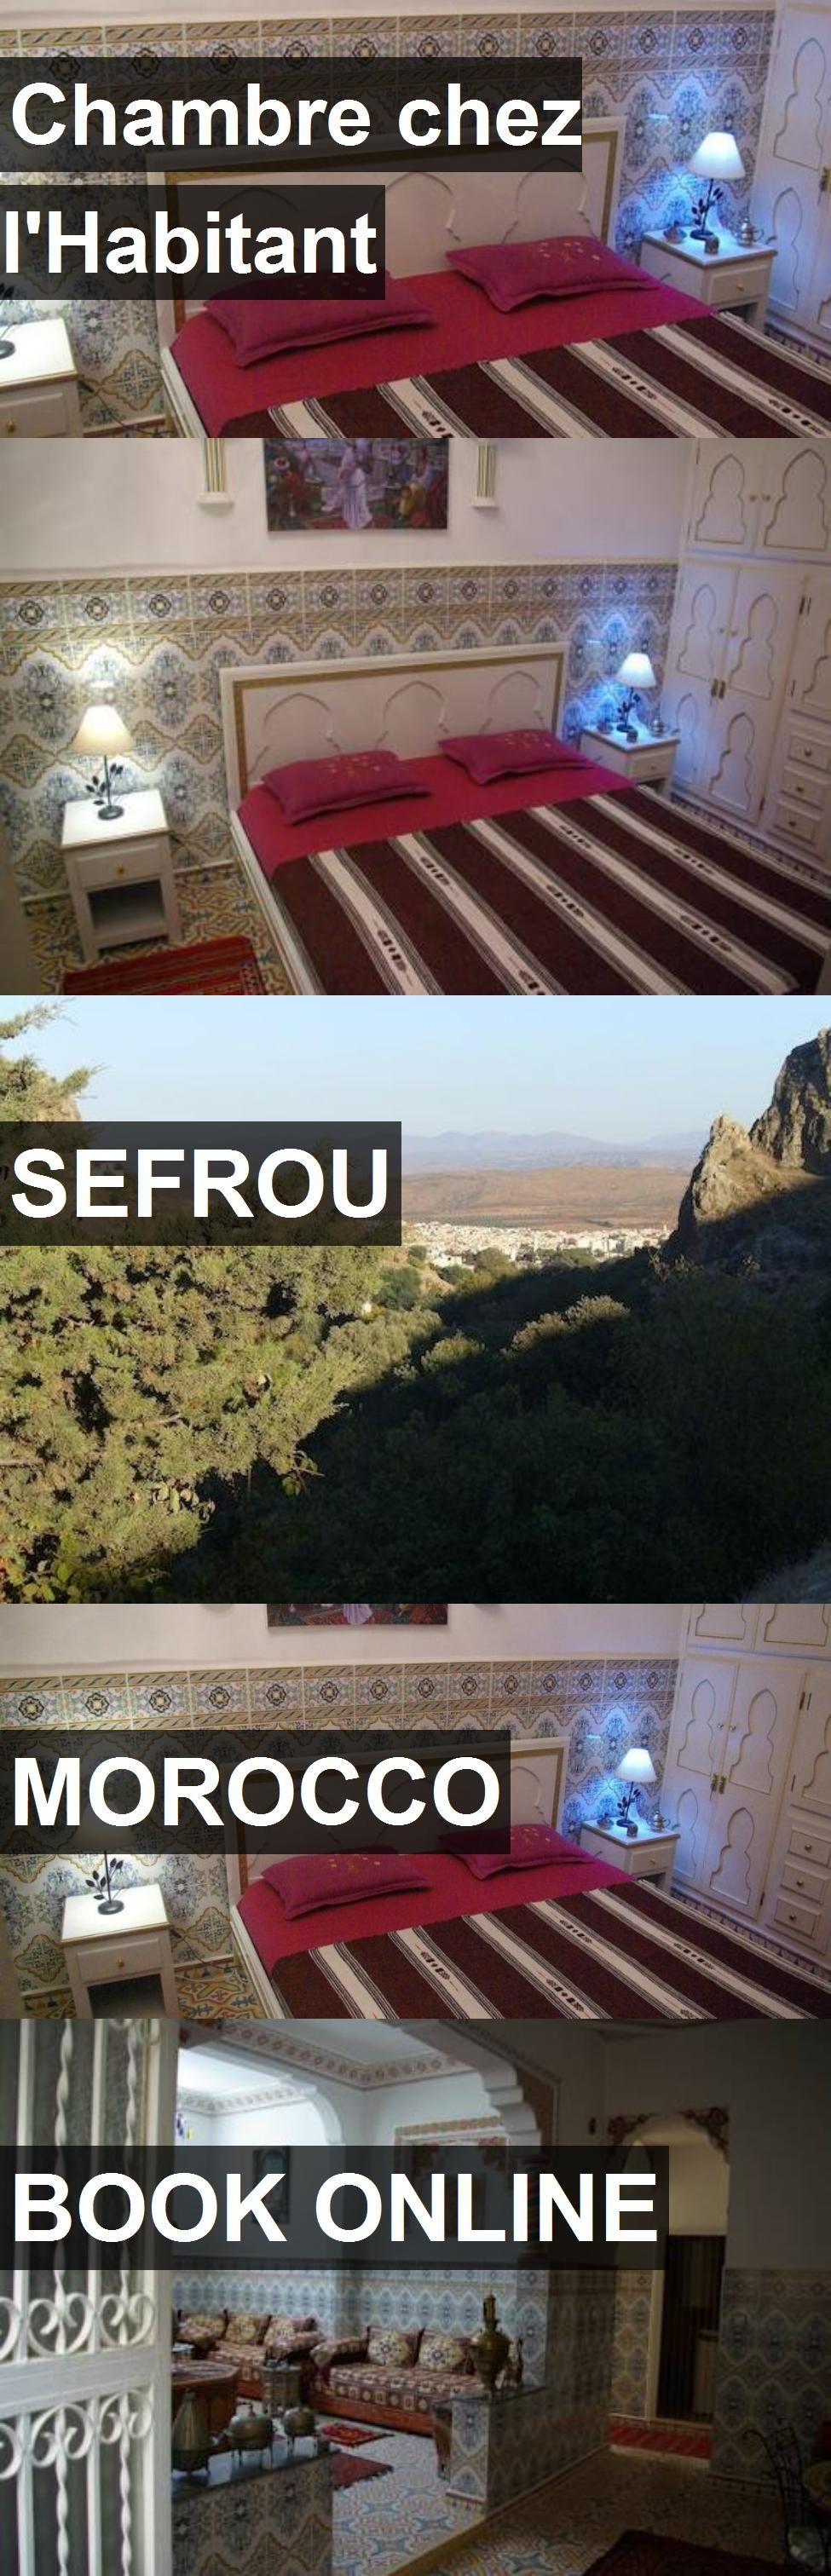 Hotel chambre chez l 39 habitant in sefrou morocco for more - Chambre chez l habitant marrakech ...